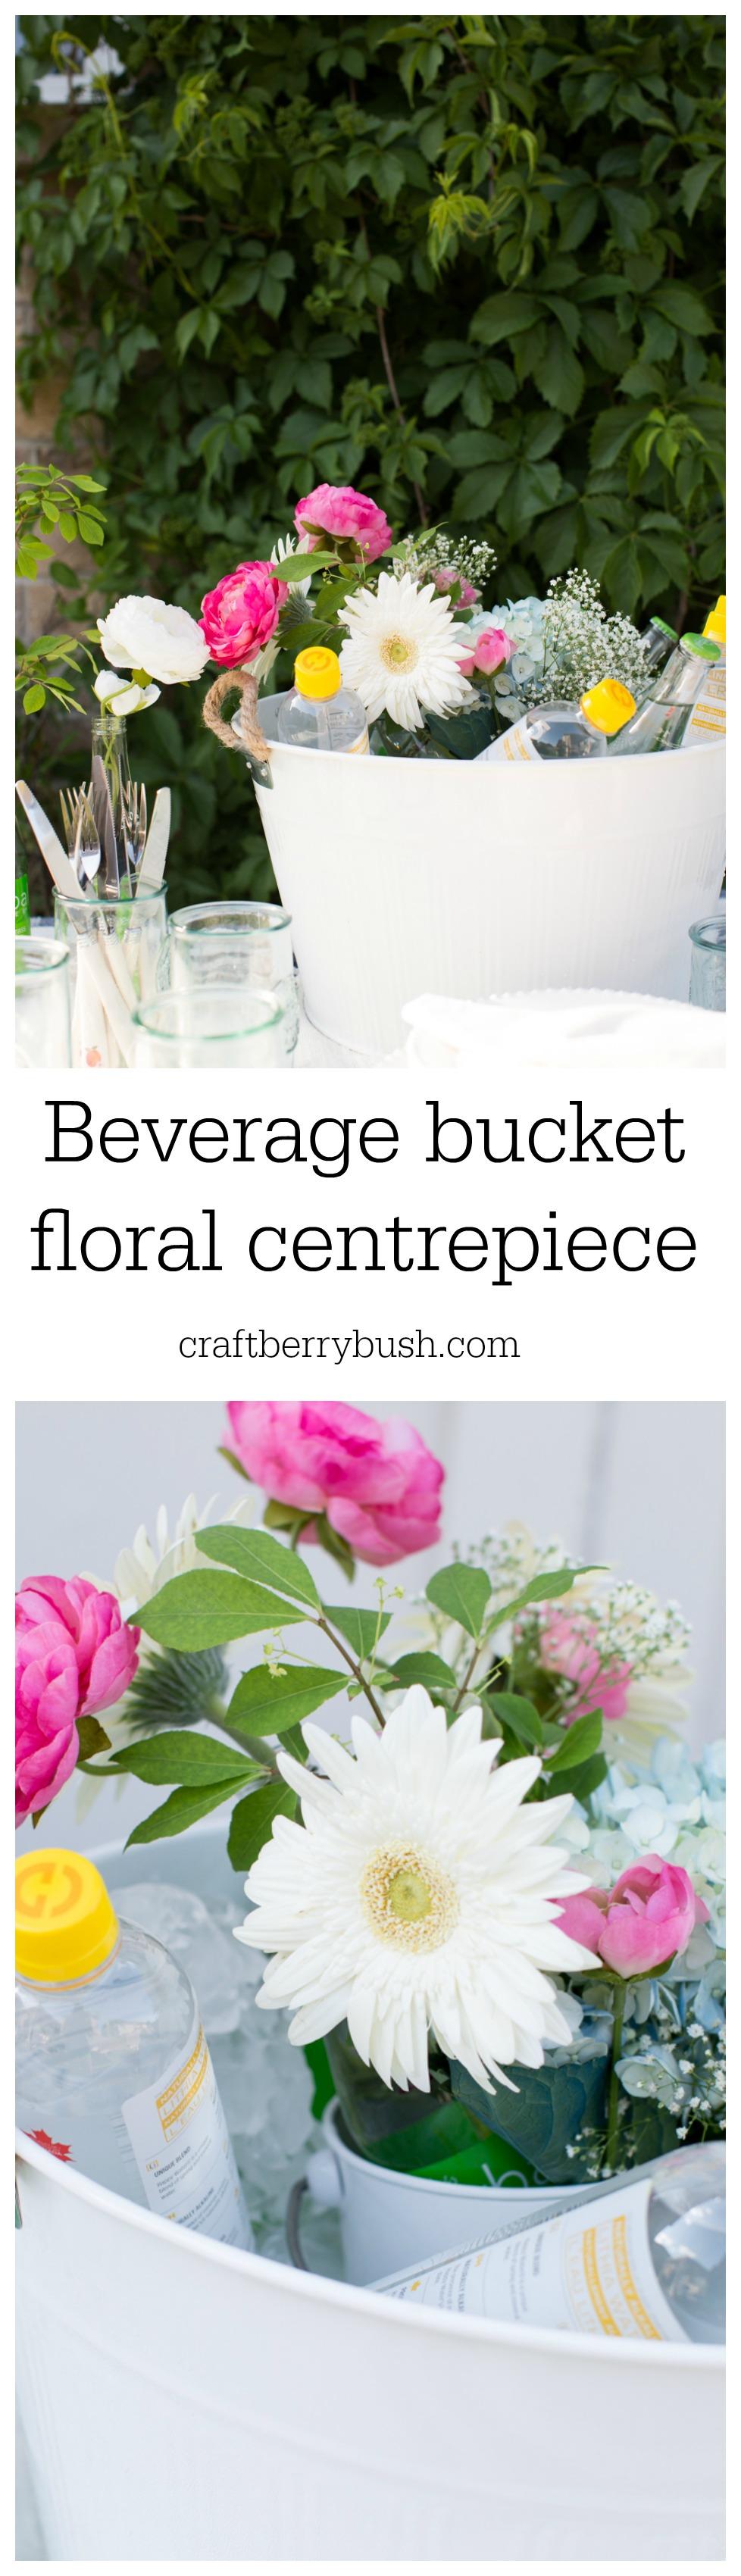 beverage bucket floral centerpiece craftberrybush